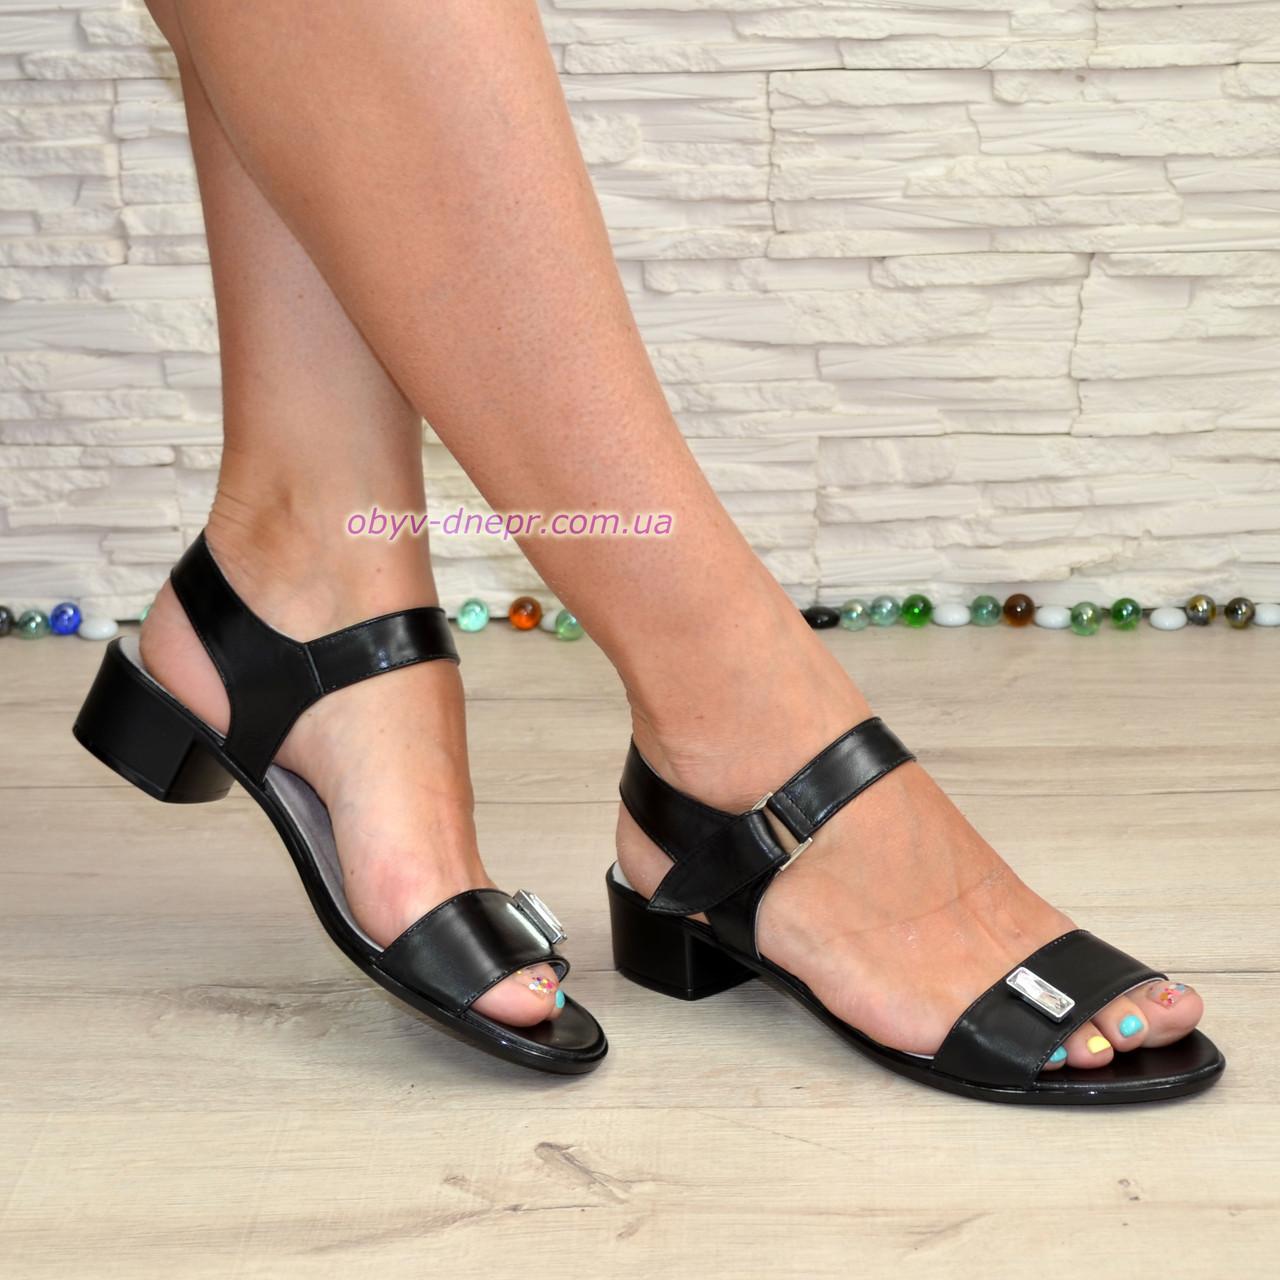 Женские кожаные босоножки на маленьком каблуке, цвет черный